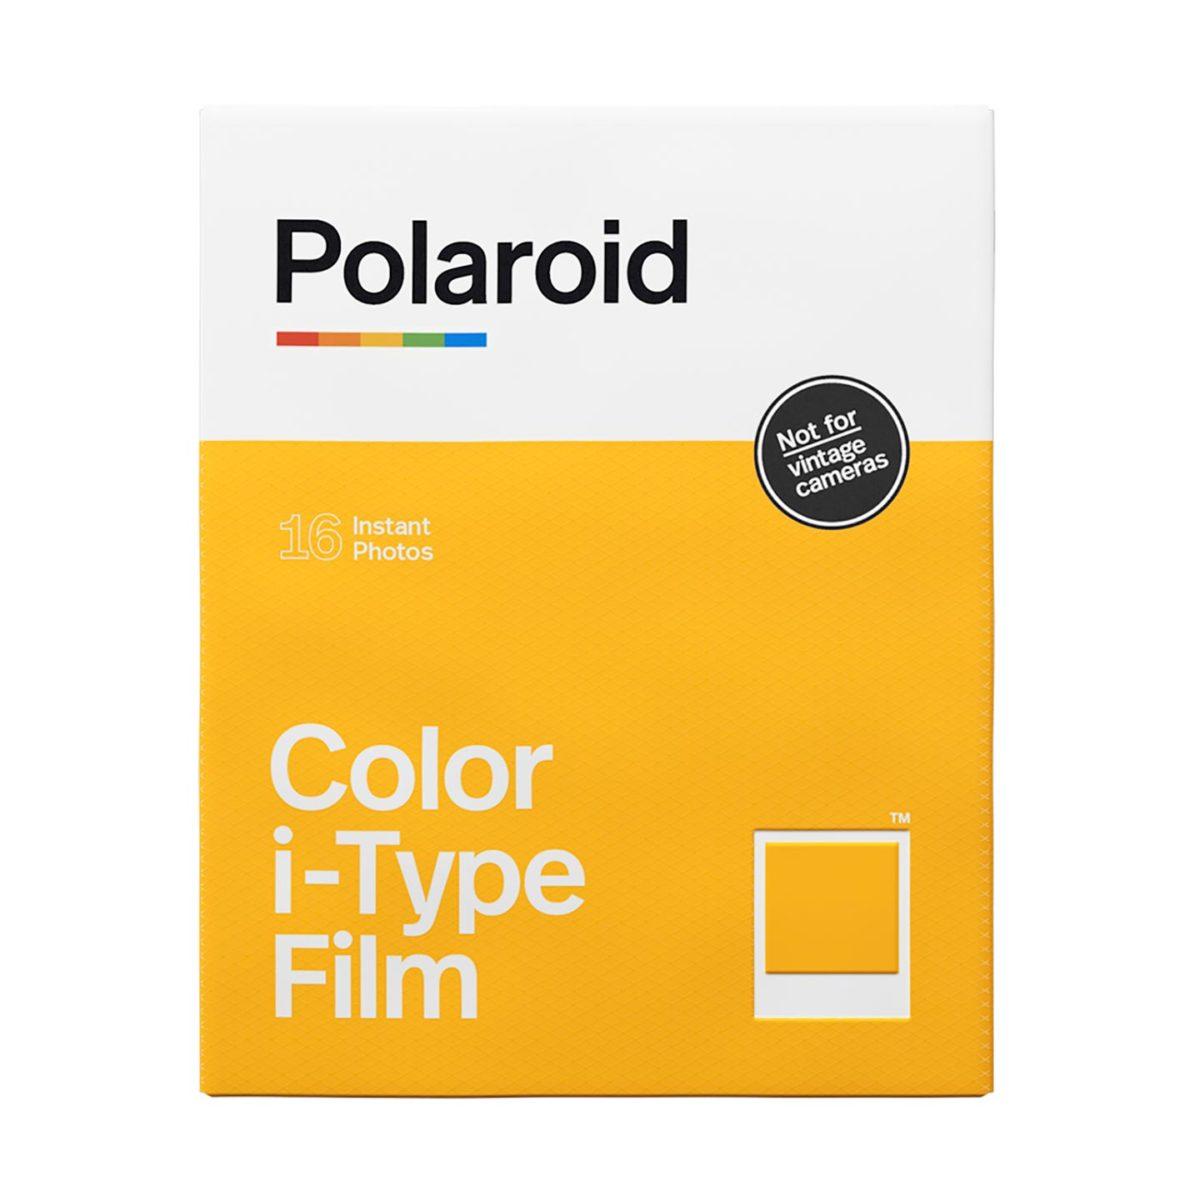 polaroid_i_type_color_film_dp_02